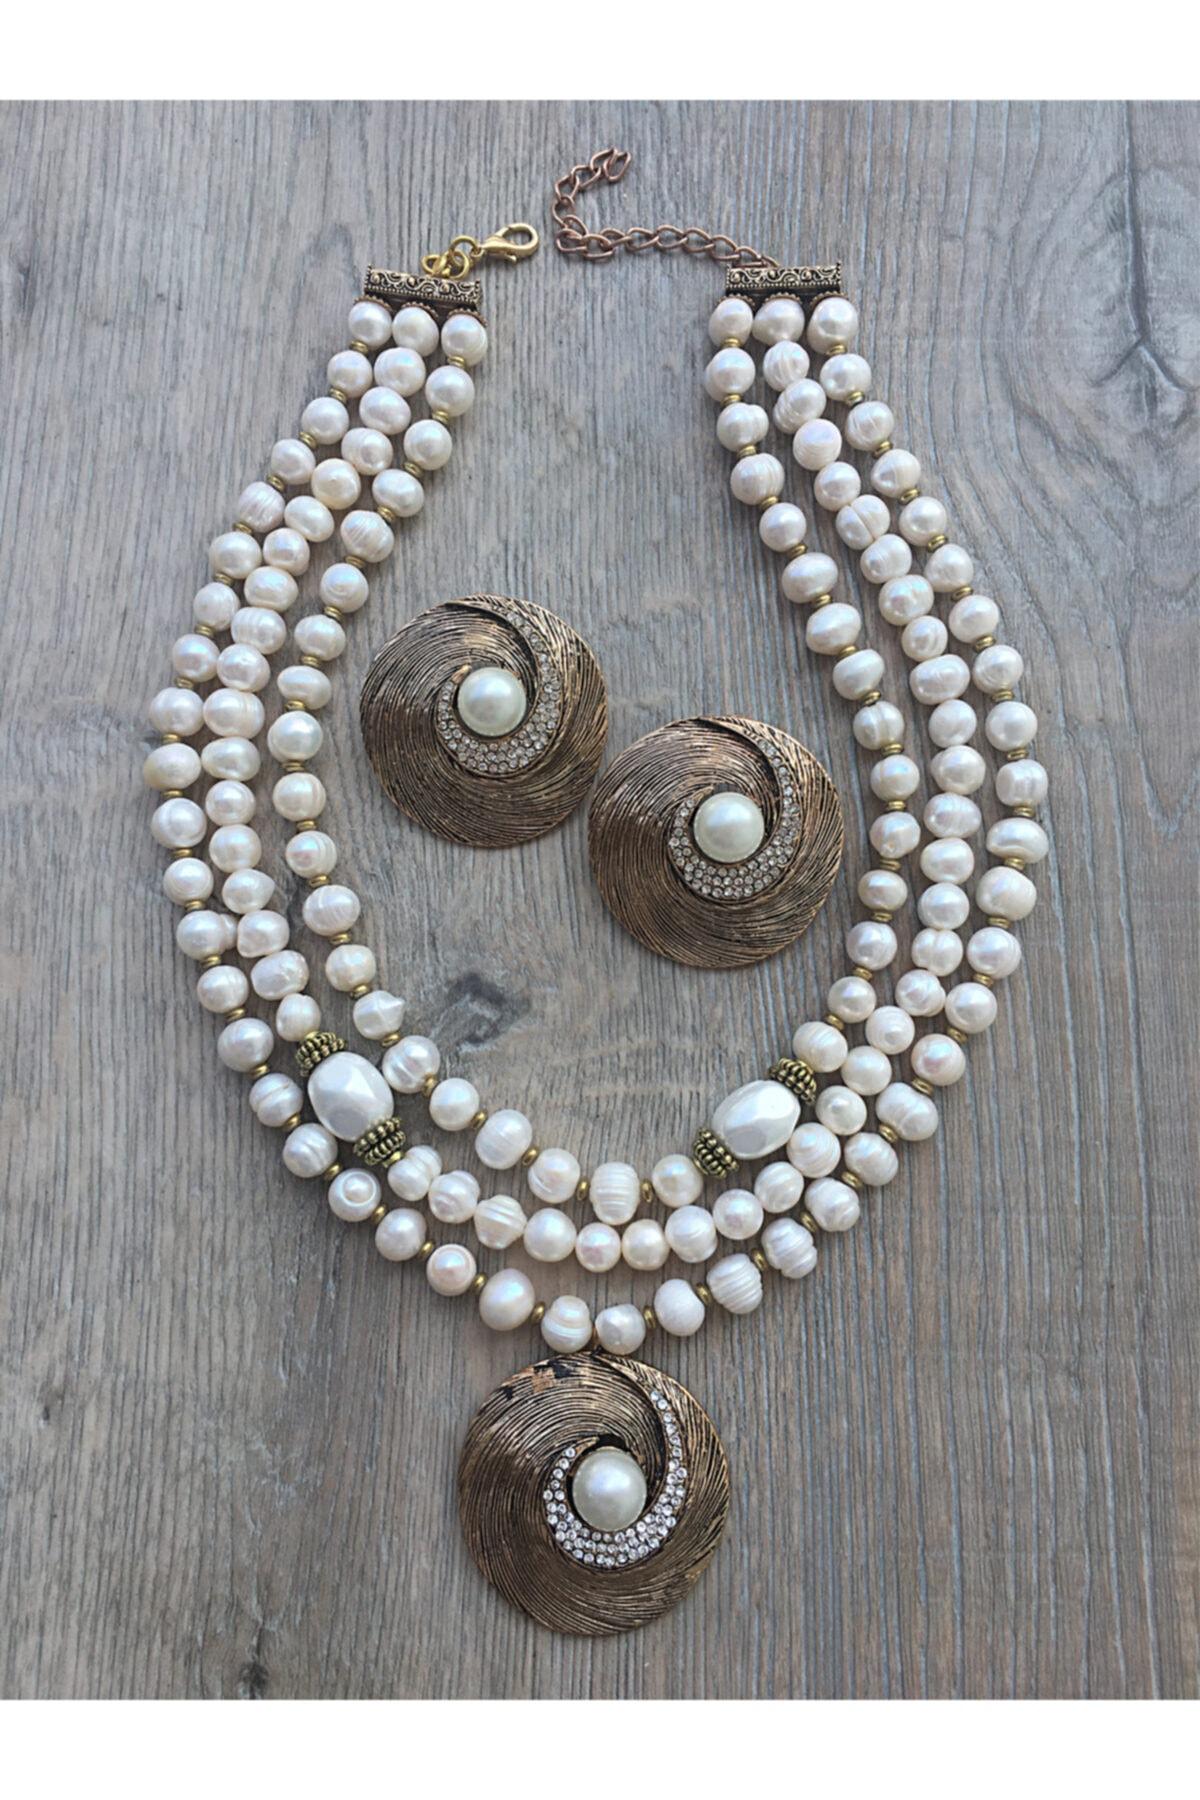 مجوهرات الأزياء النسائية الأبيض اللؤلؤ الثقافي الجولة المينا طقم أقراط برونزية